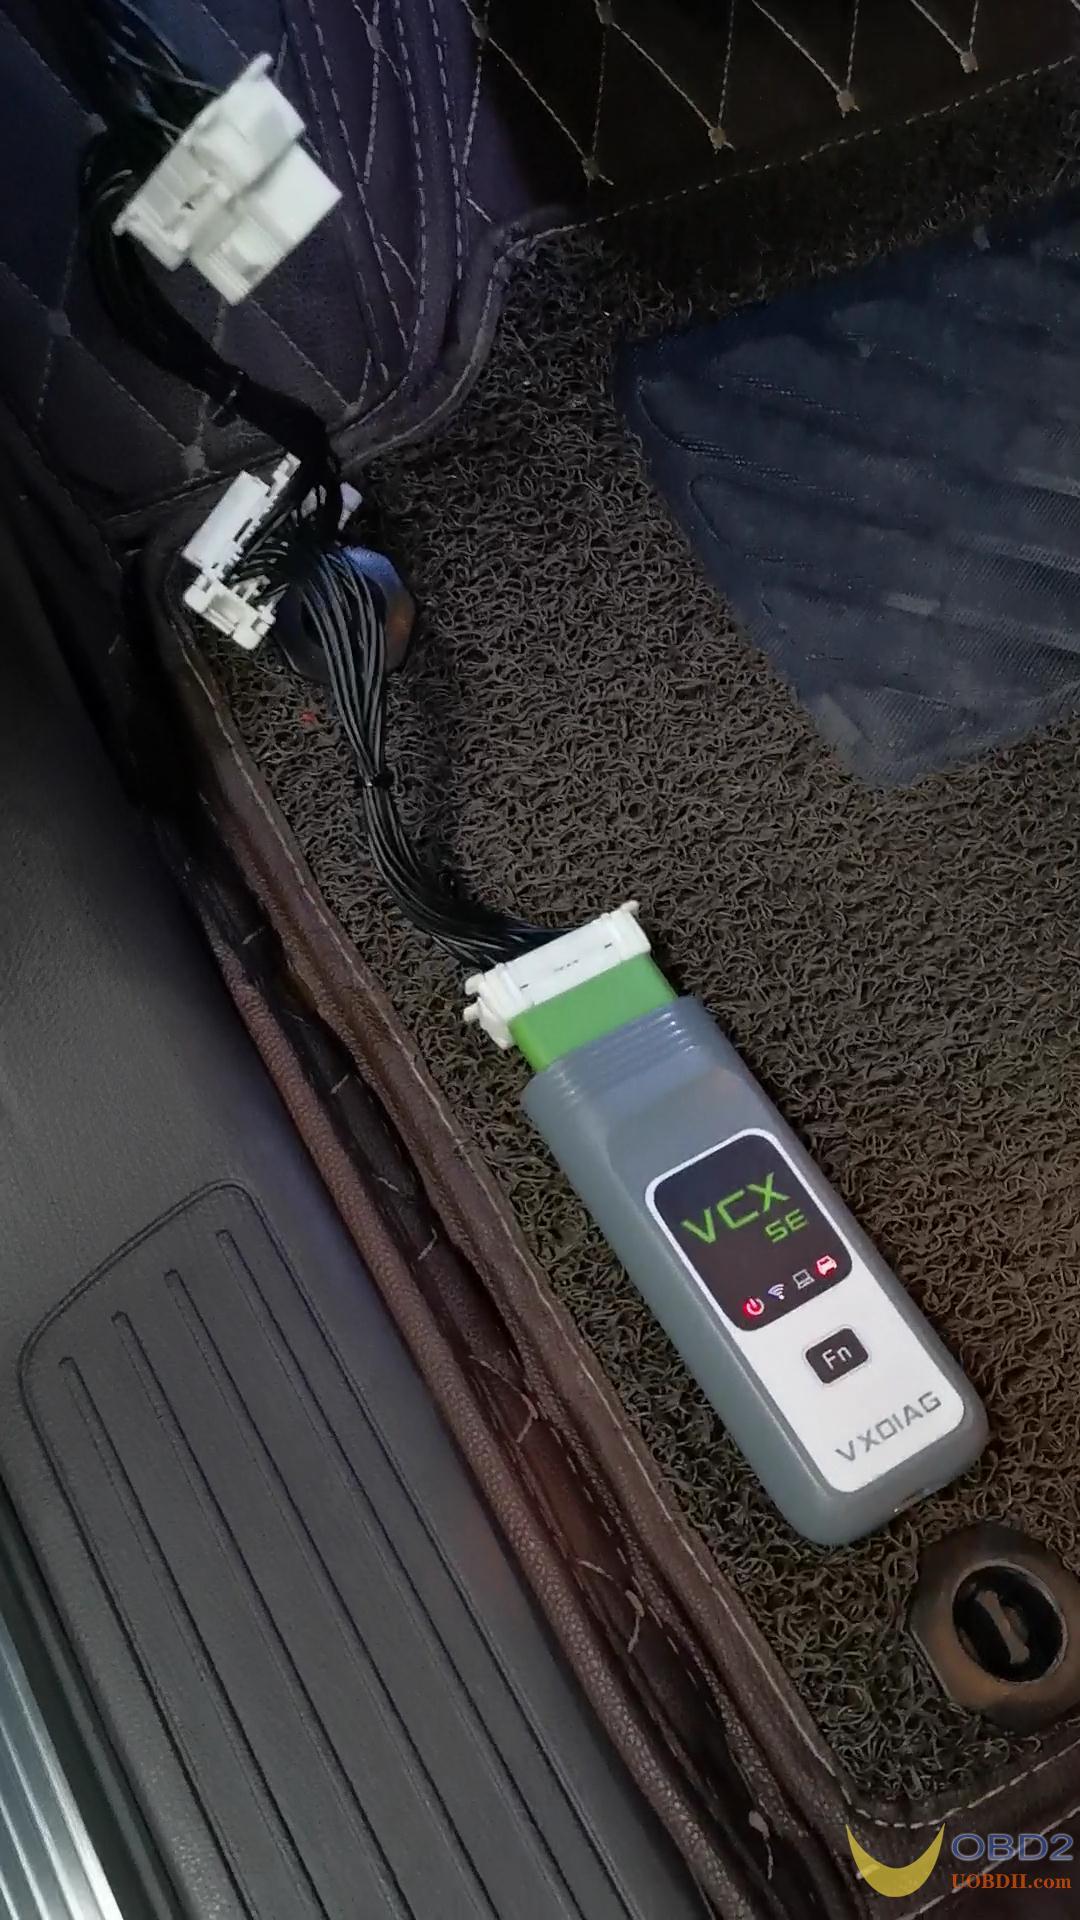 benz-doi-vcx-se-donet-remote-diagnostics-network-connection-02